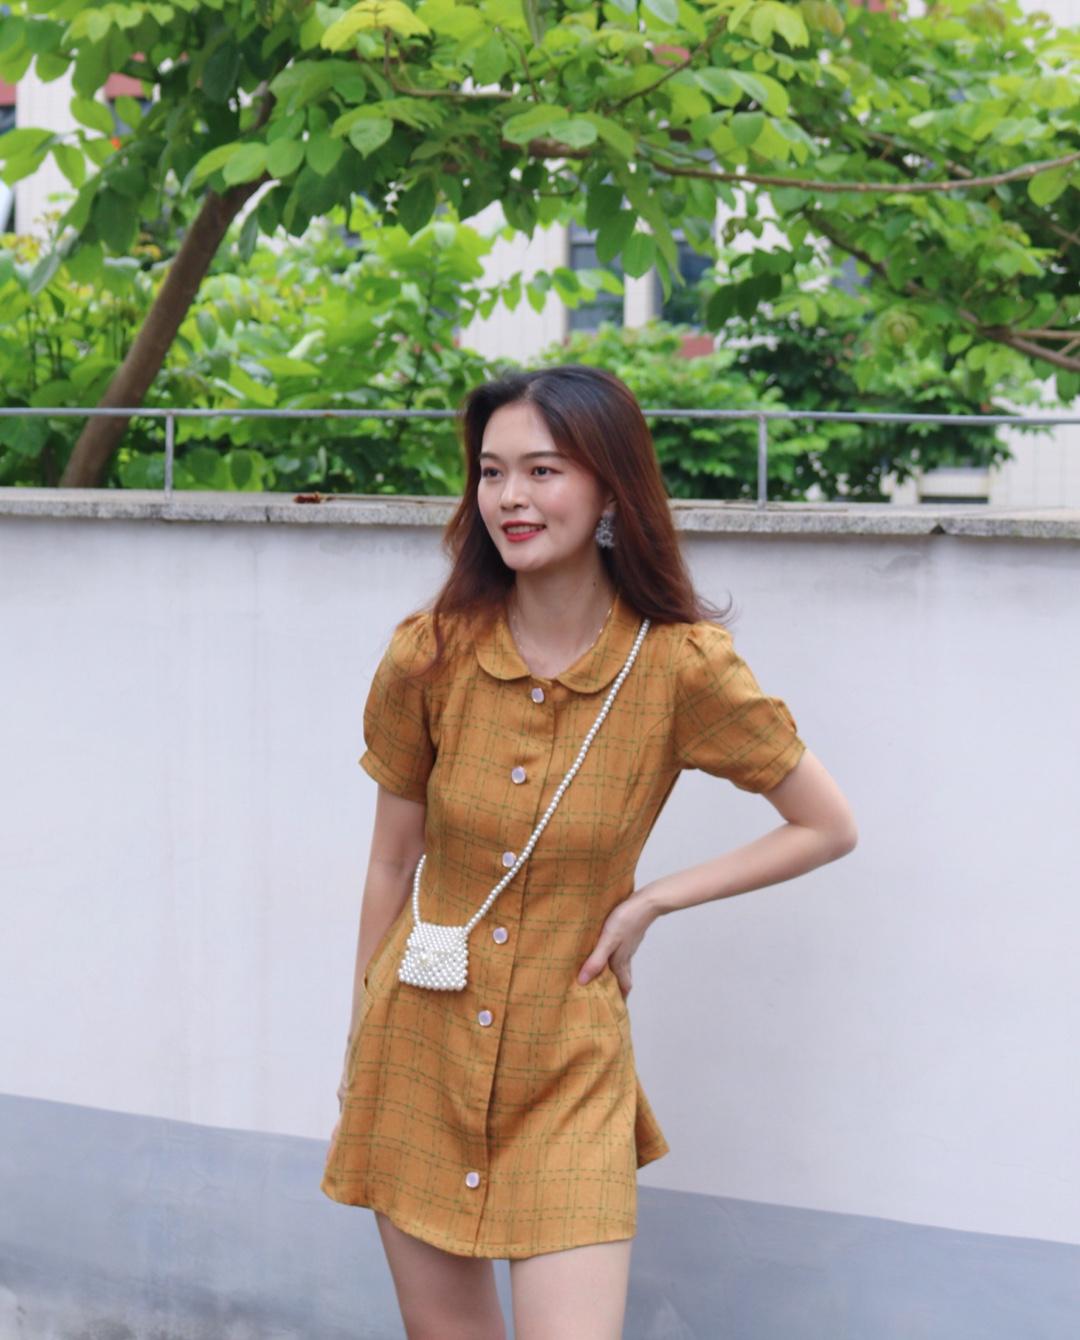 很复古的小裙子,腰身真的特别好看,裙子穿起来蛮有型的很美,搭配上今年很火的小珍珠包包真的太好看了啦#不用修腿的短裙,我找到了!#